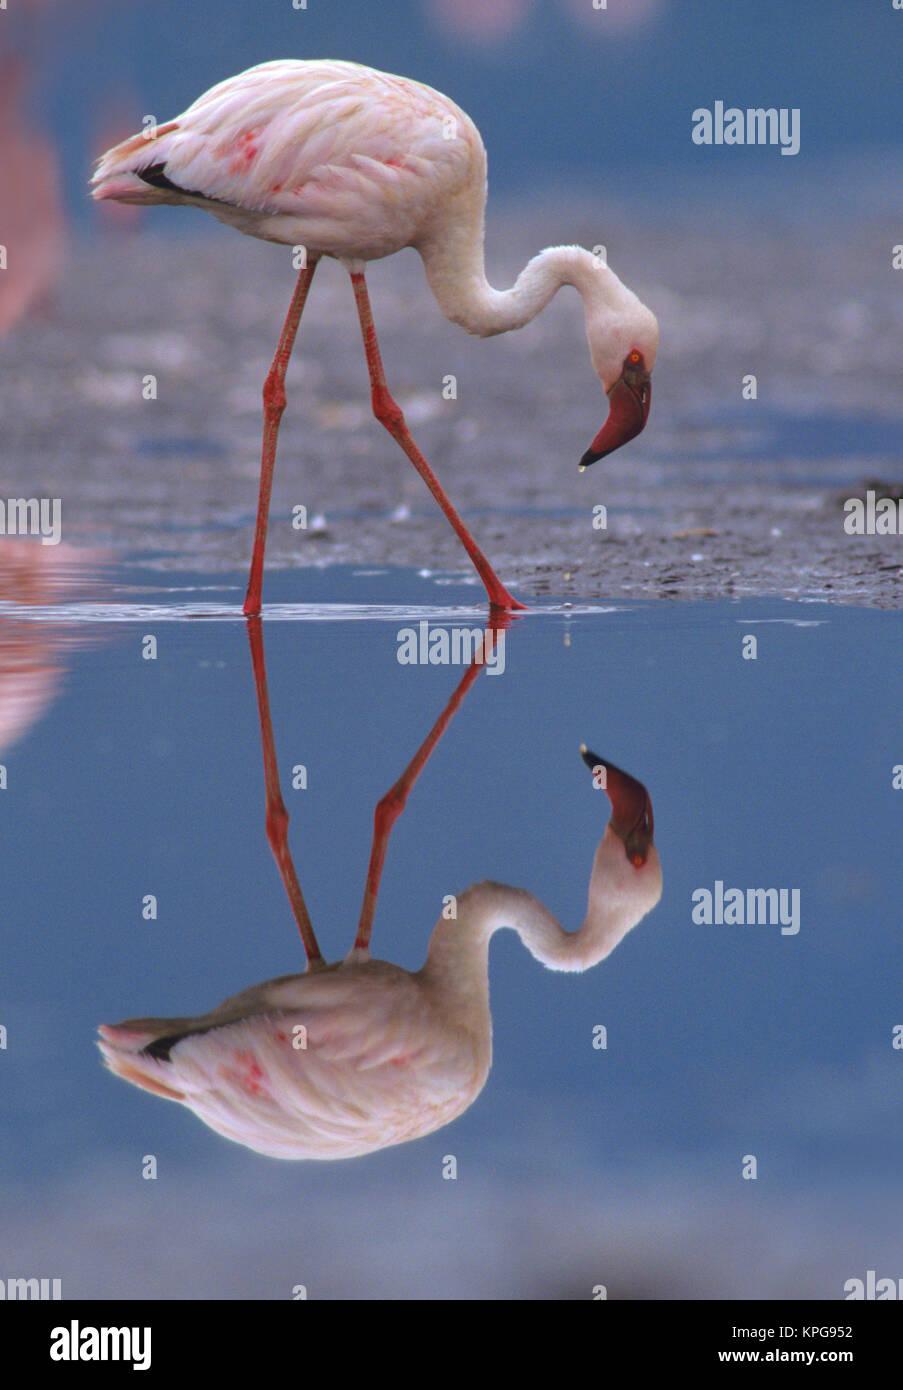 Lesser flamingo (Phoeniconaias minor) e la sua riflessione, Kenya, Africa (formato di grandi dimensioni disponibili) Immagini Stock